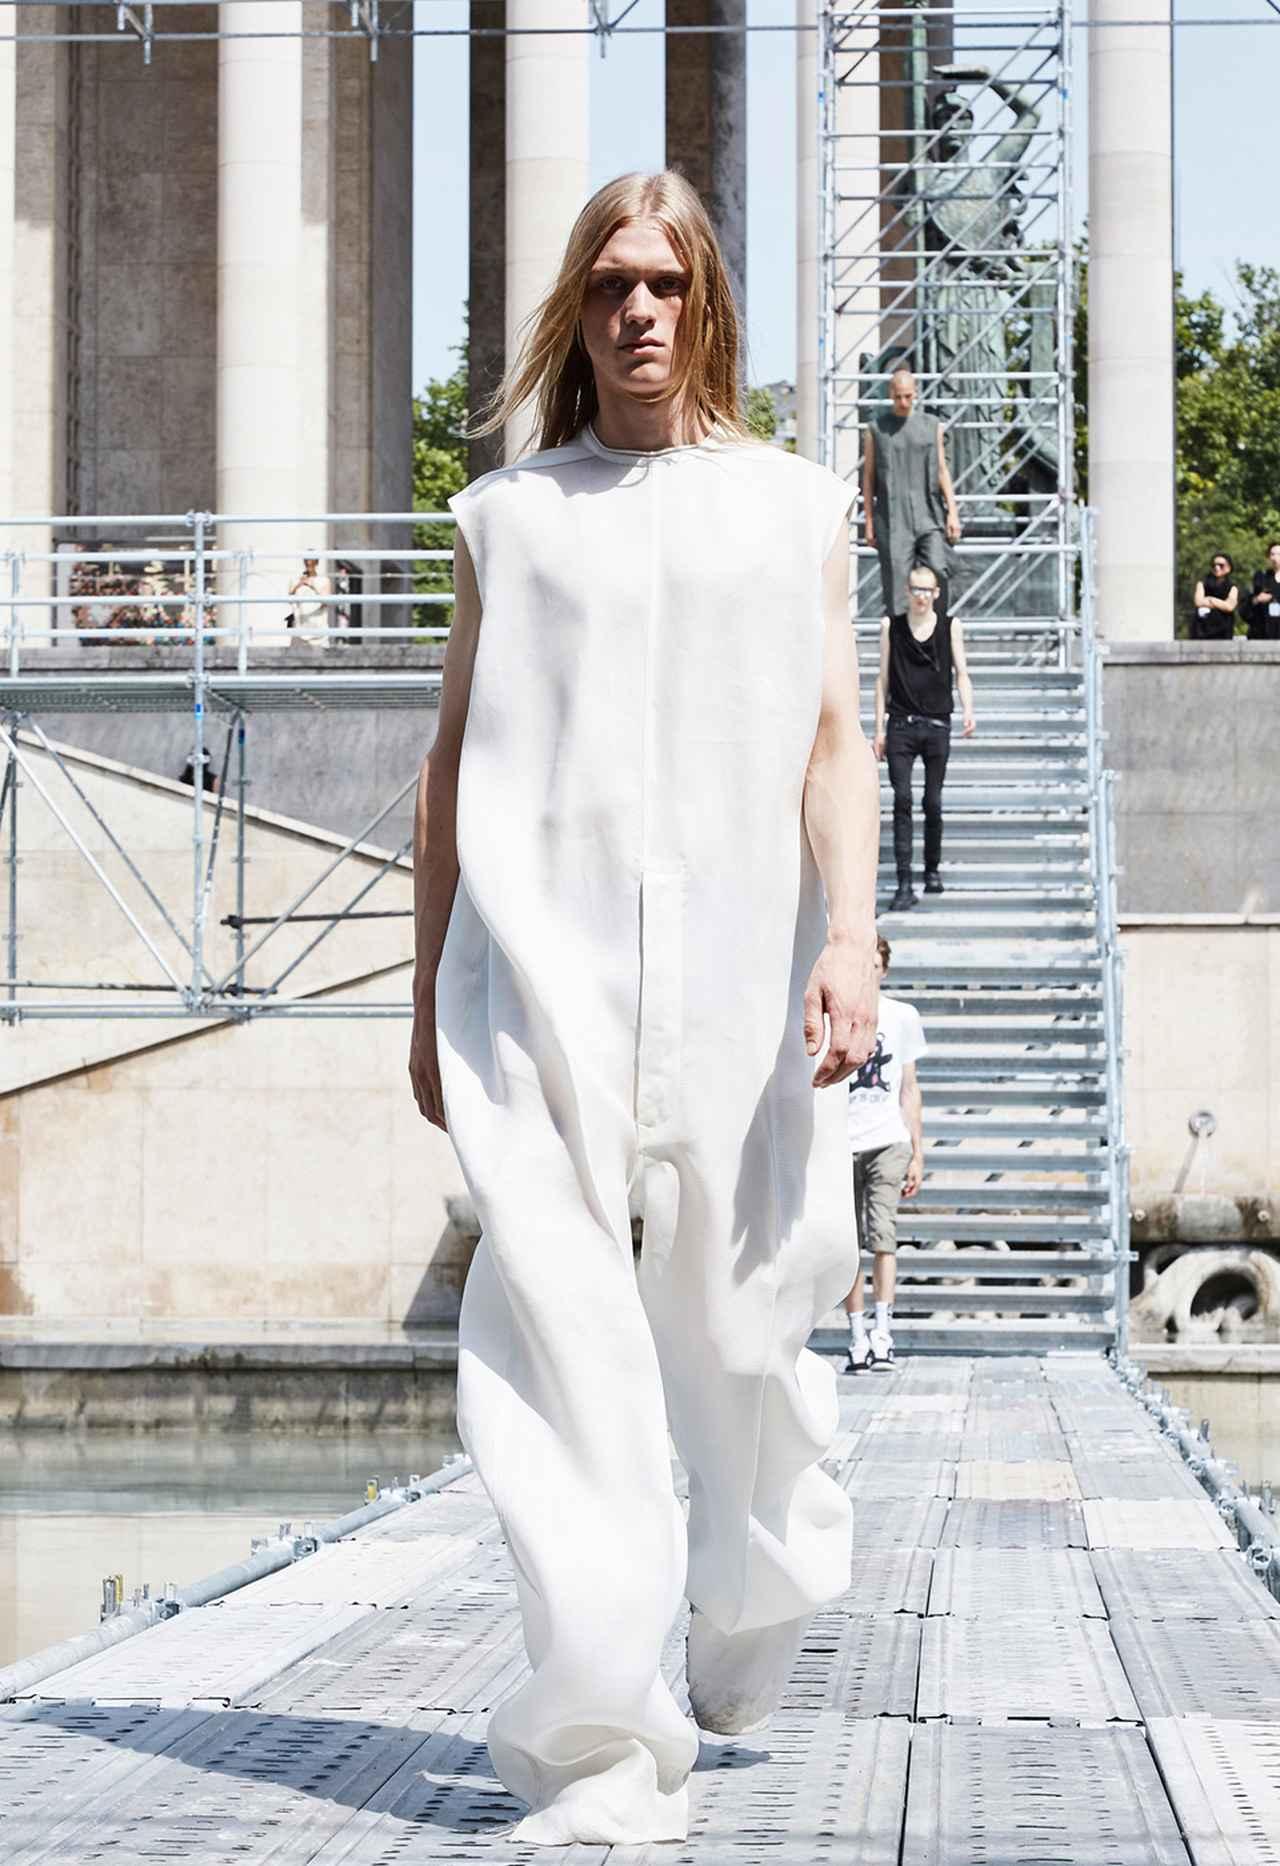 Images : 13番目の画像 - 「2018年春夏 パリ・メンズ・コレクションの ハイライト」のアルバム - T JAPAN:The New York Times Style Magazine 公式サイト